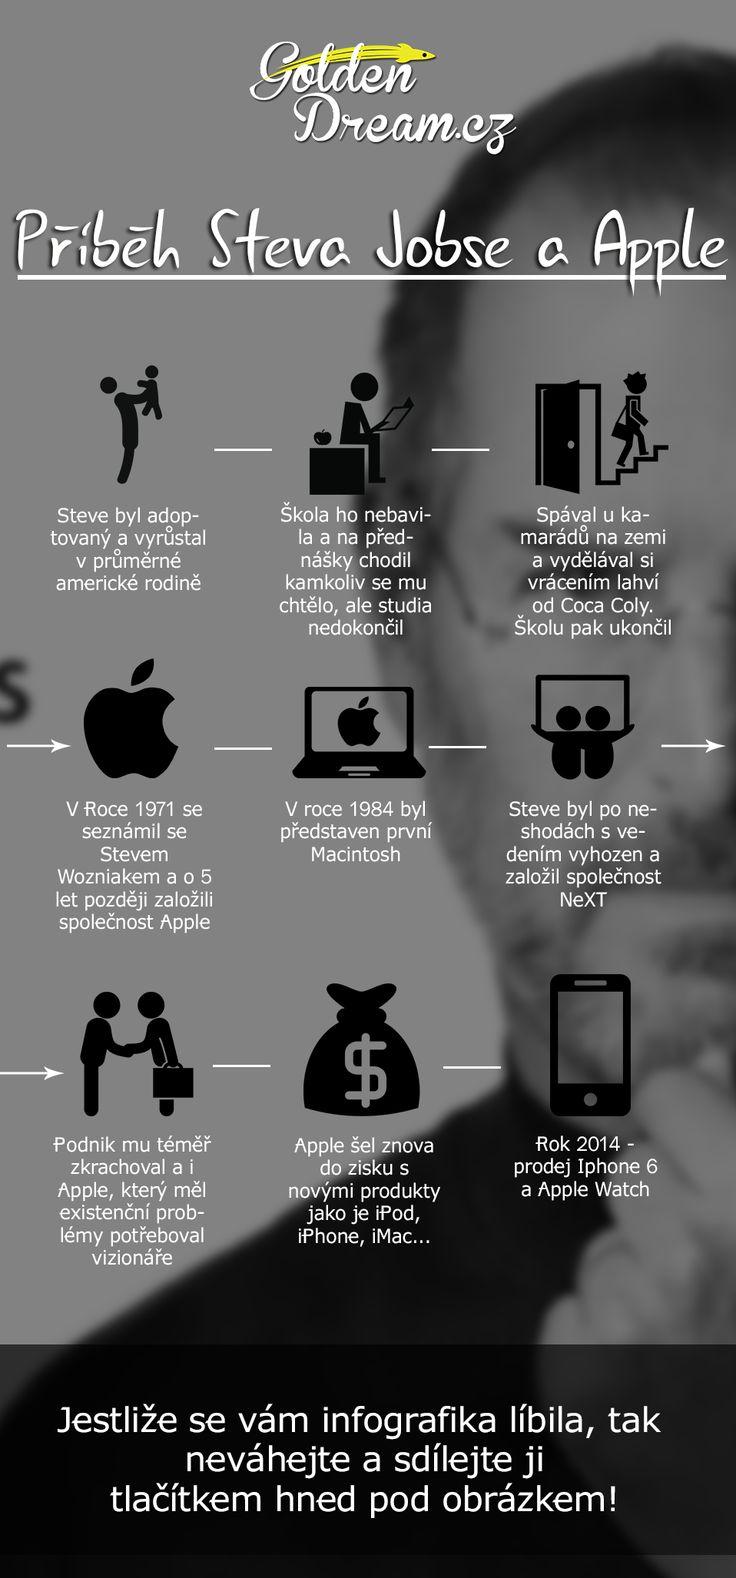 Příběh Steva Jobse, jak to začalo? http://on.fb.me/14rlJrj